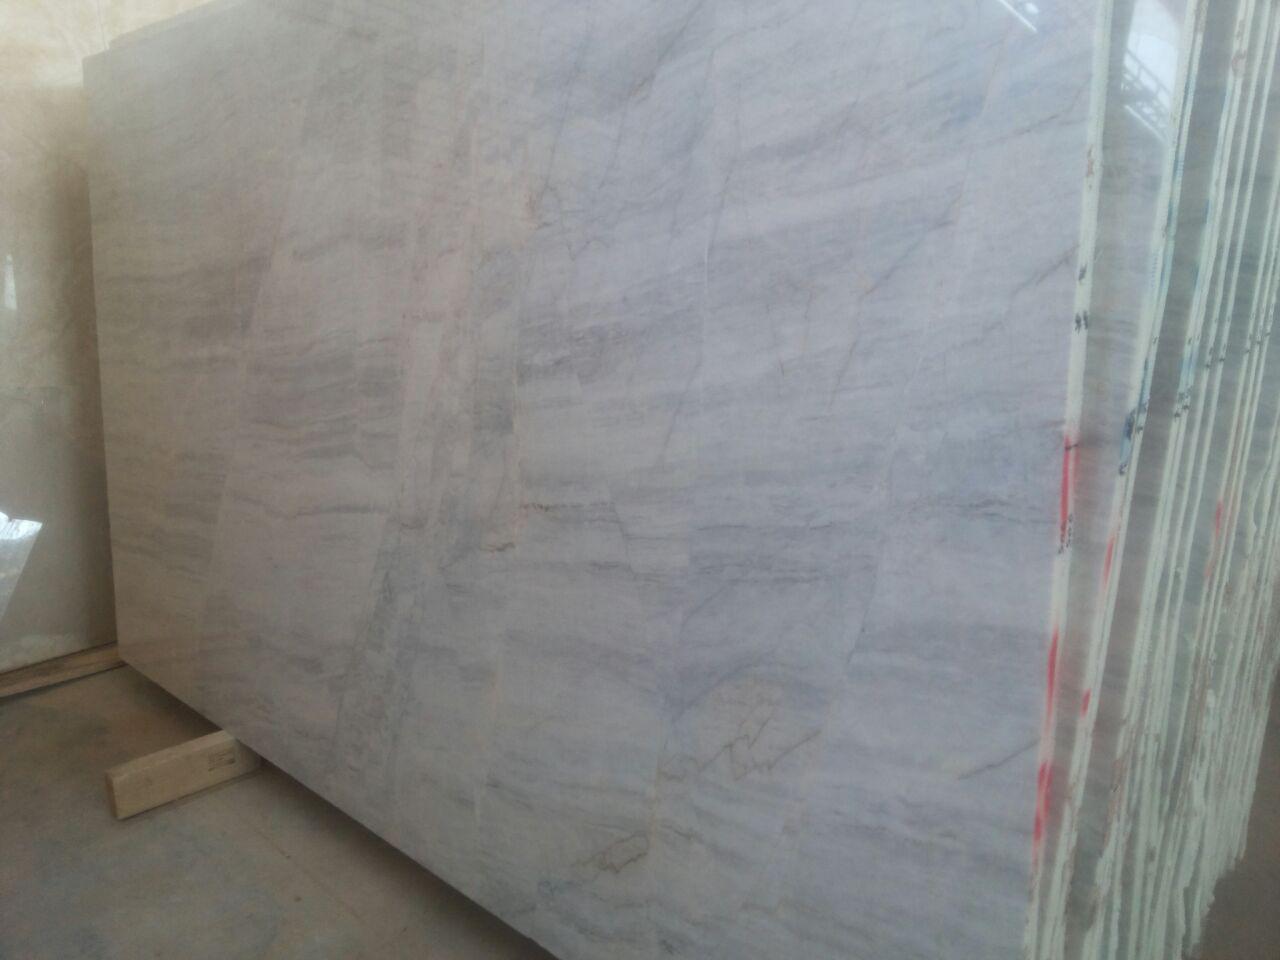 Snowy marble slabs